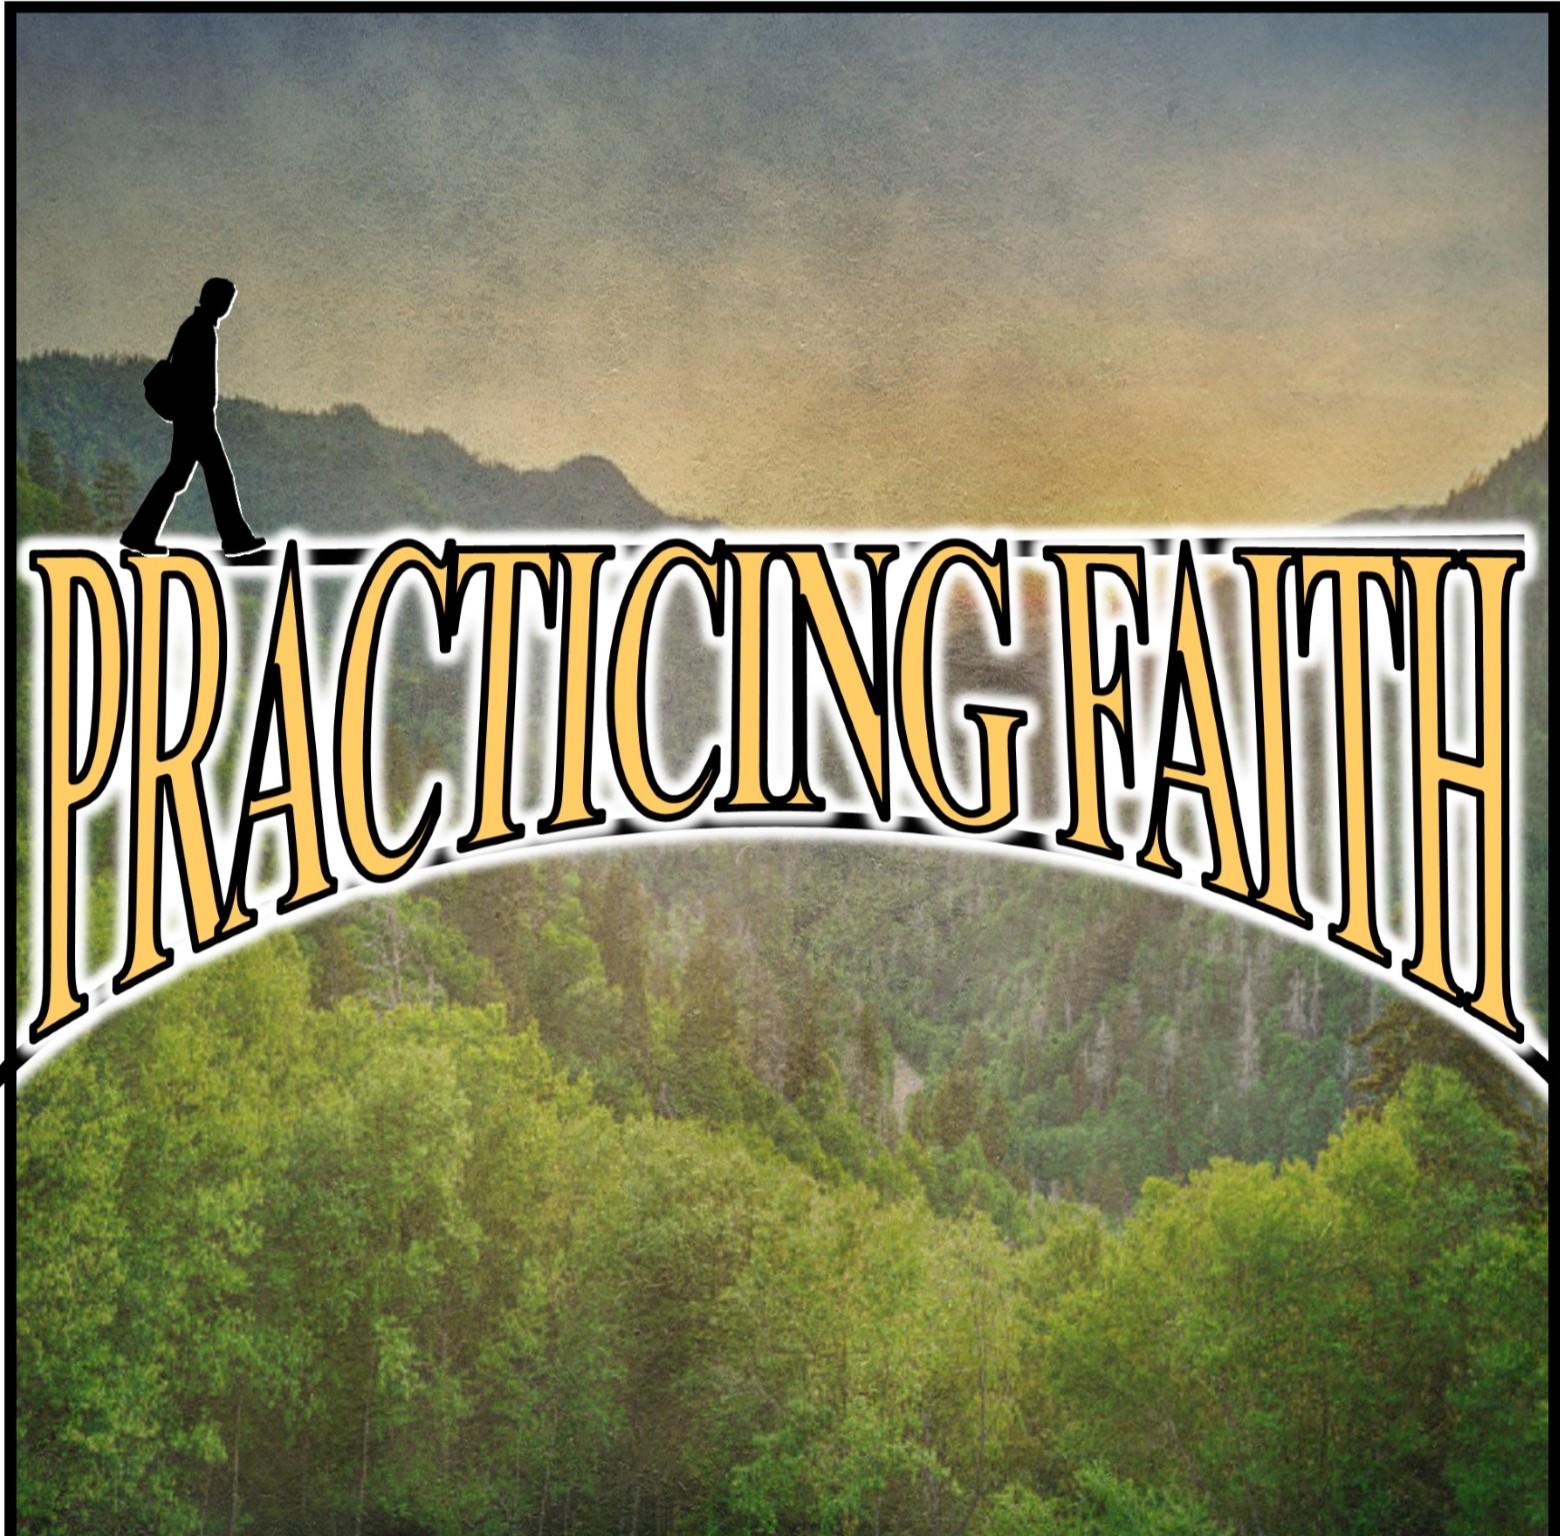 Practicing Faith for web.jpg